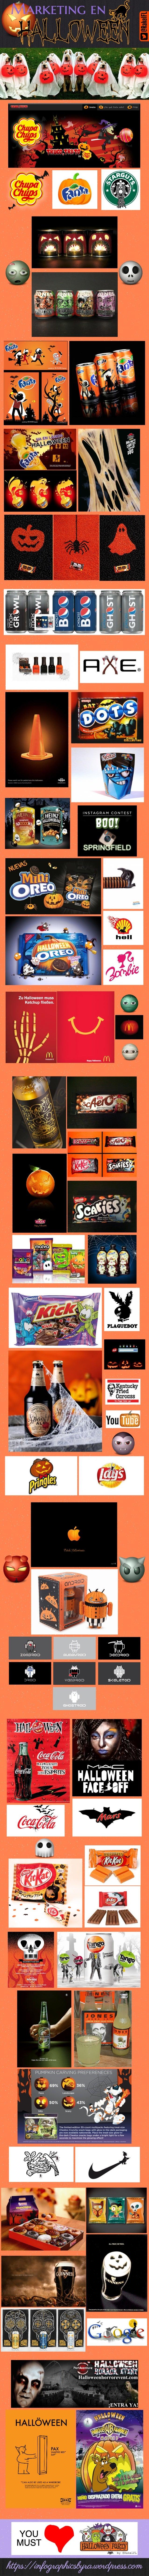 Marketing en halloween, las marcas también se disfrazan